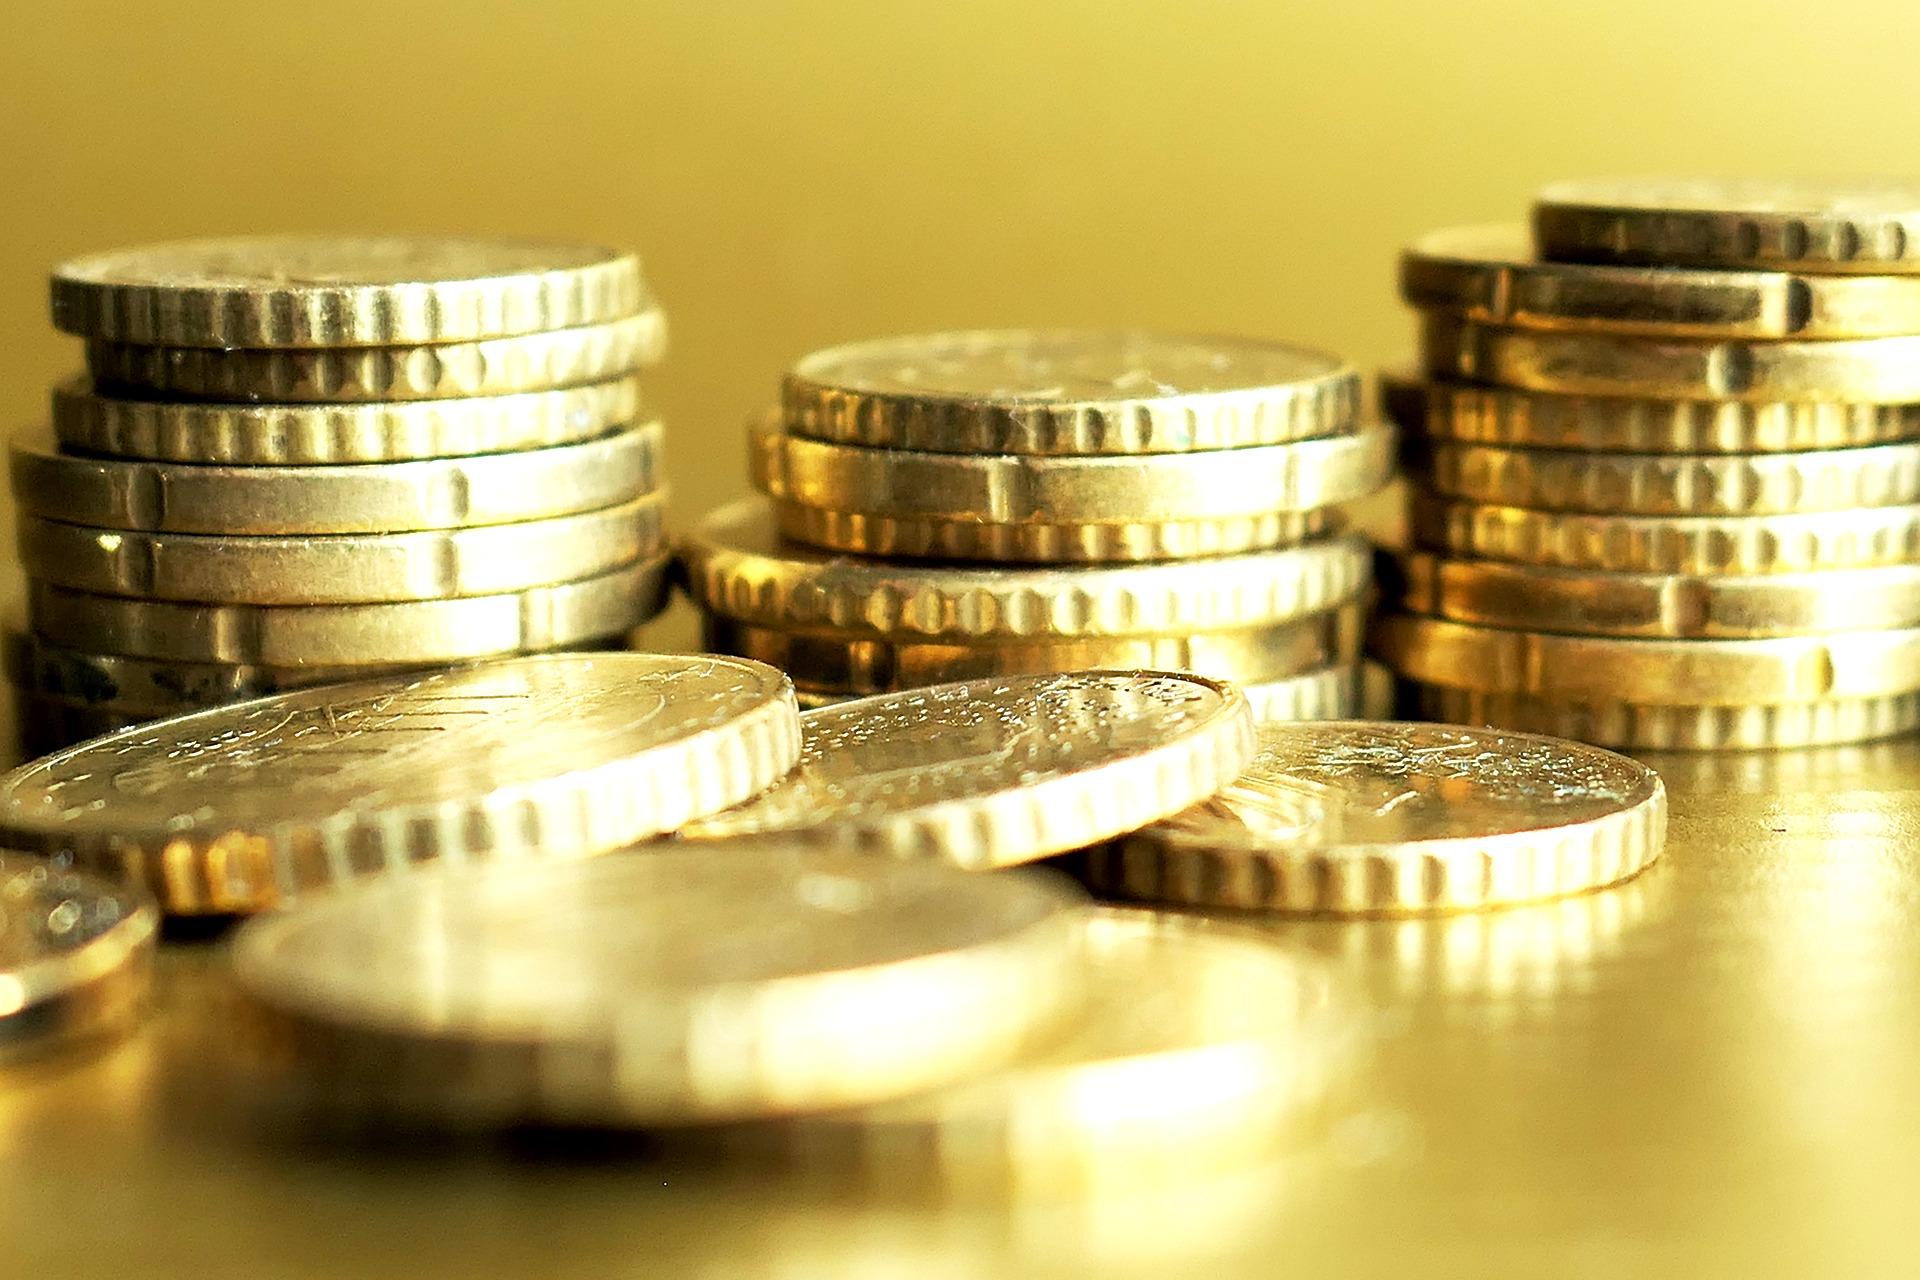 Den richtigen Umgang mit Geld lernen